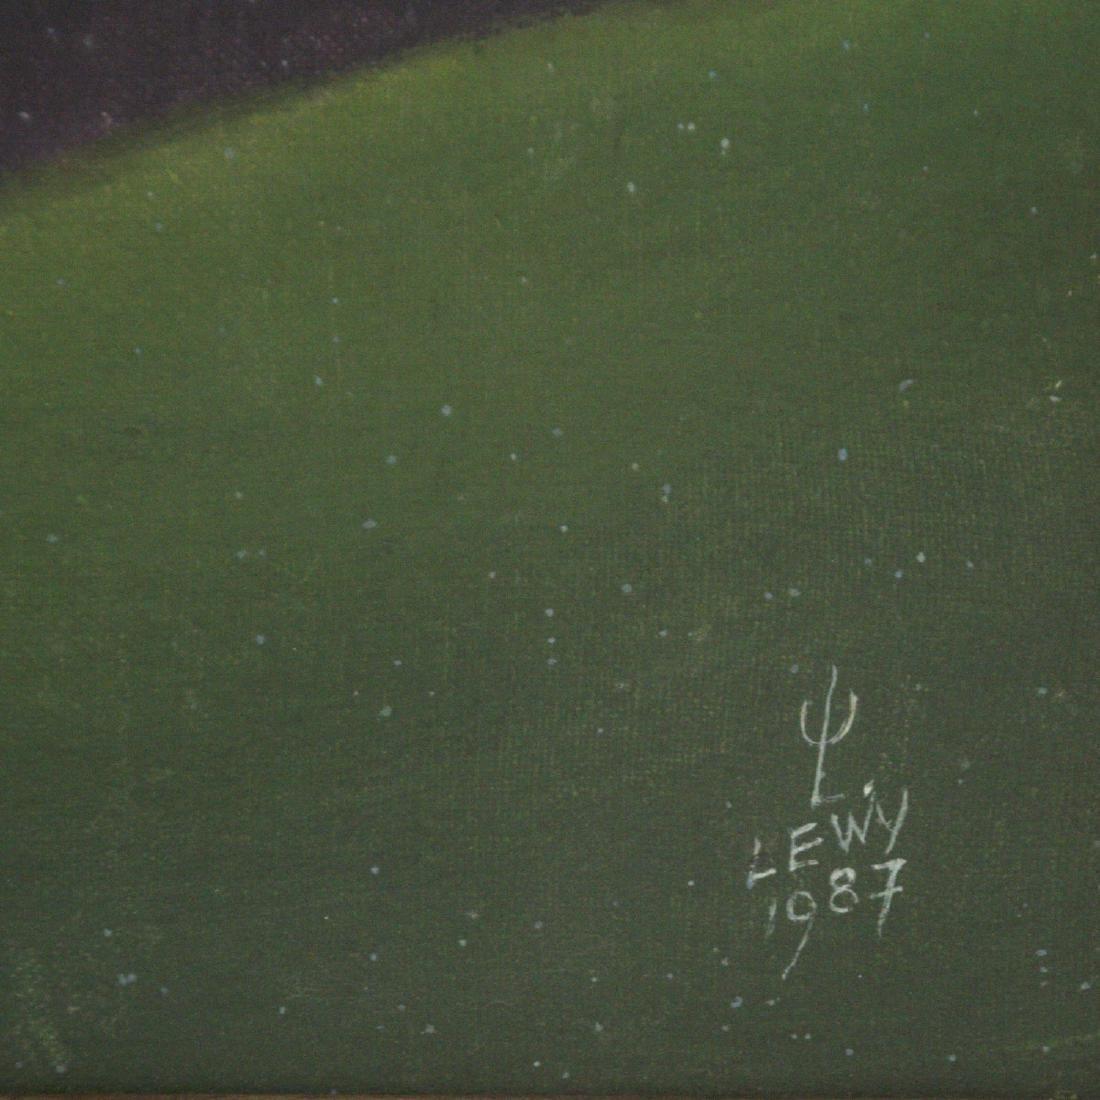 Walter Lewy (Germany / Brazil, 1905-1995) - Oil on - 3